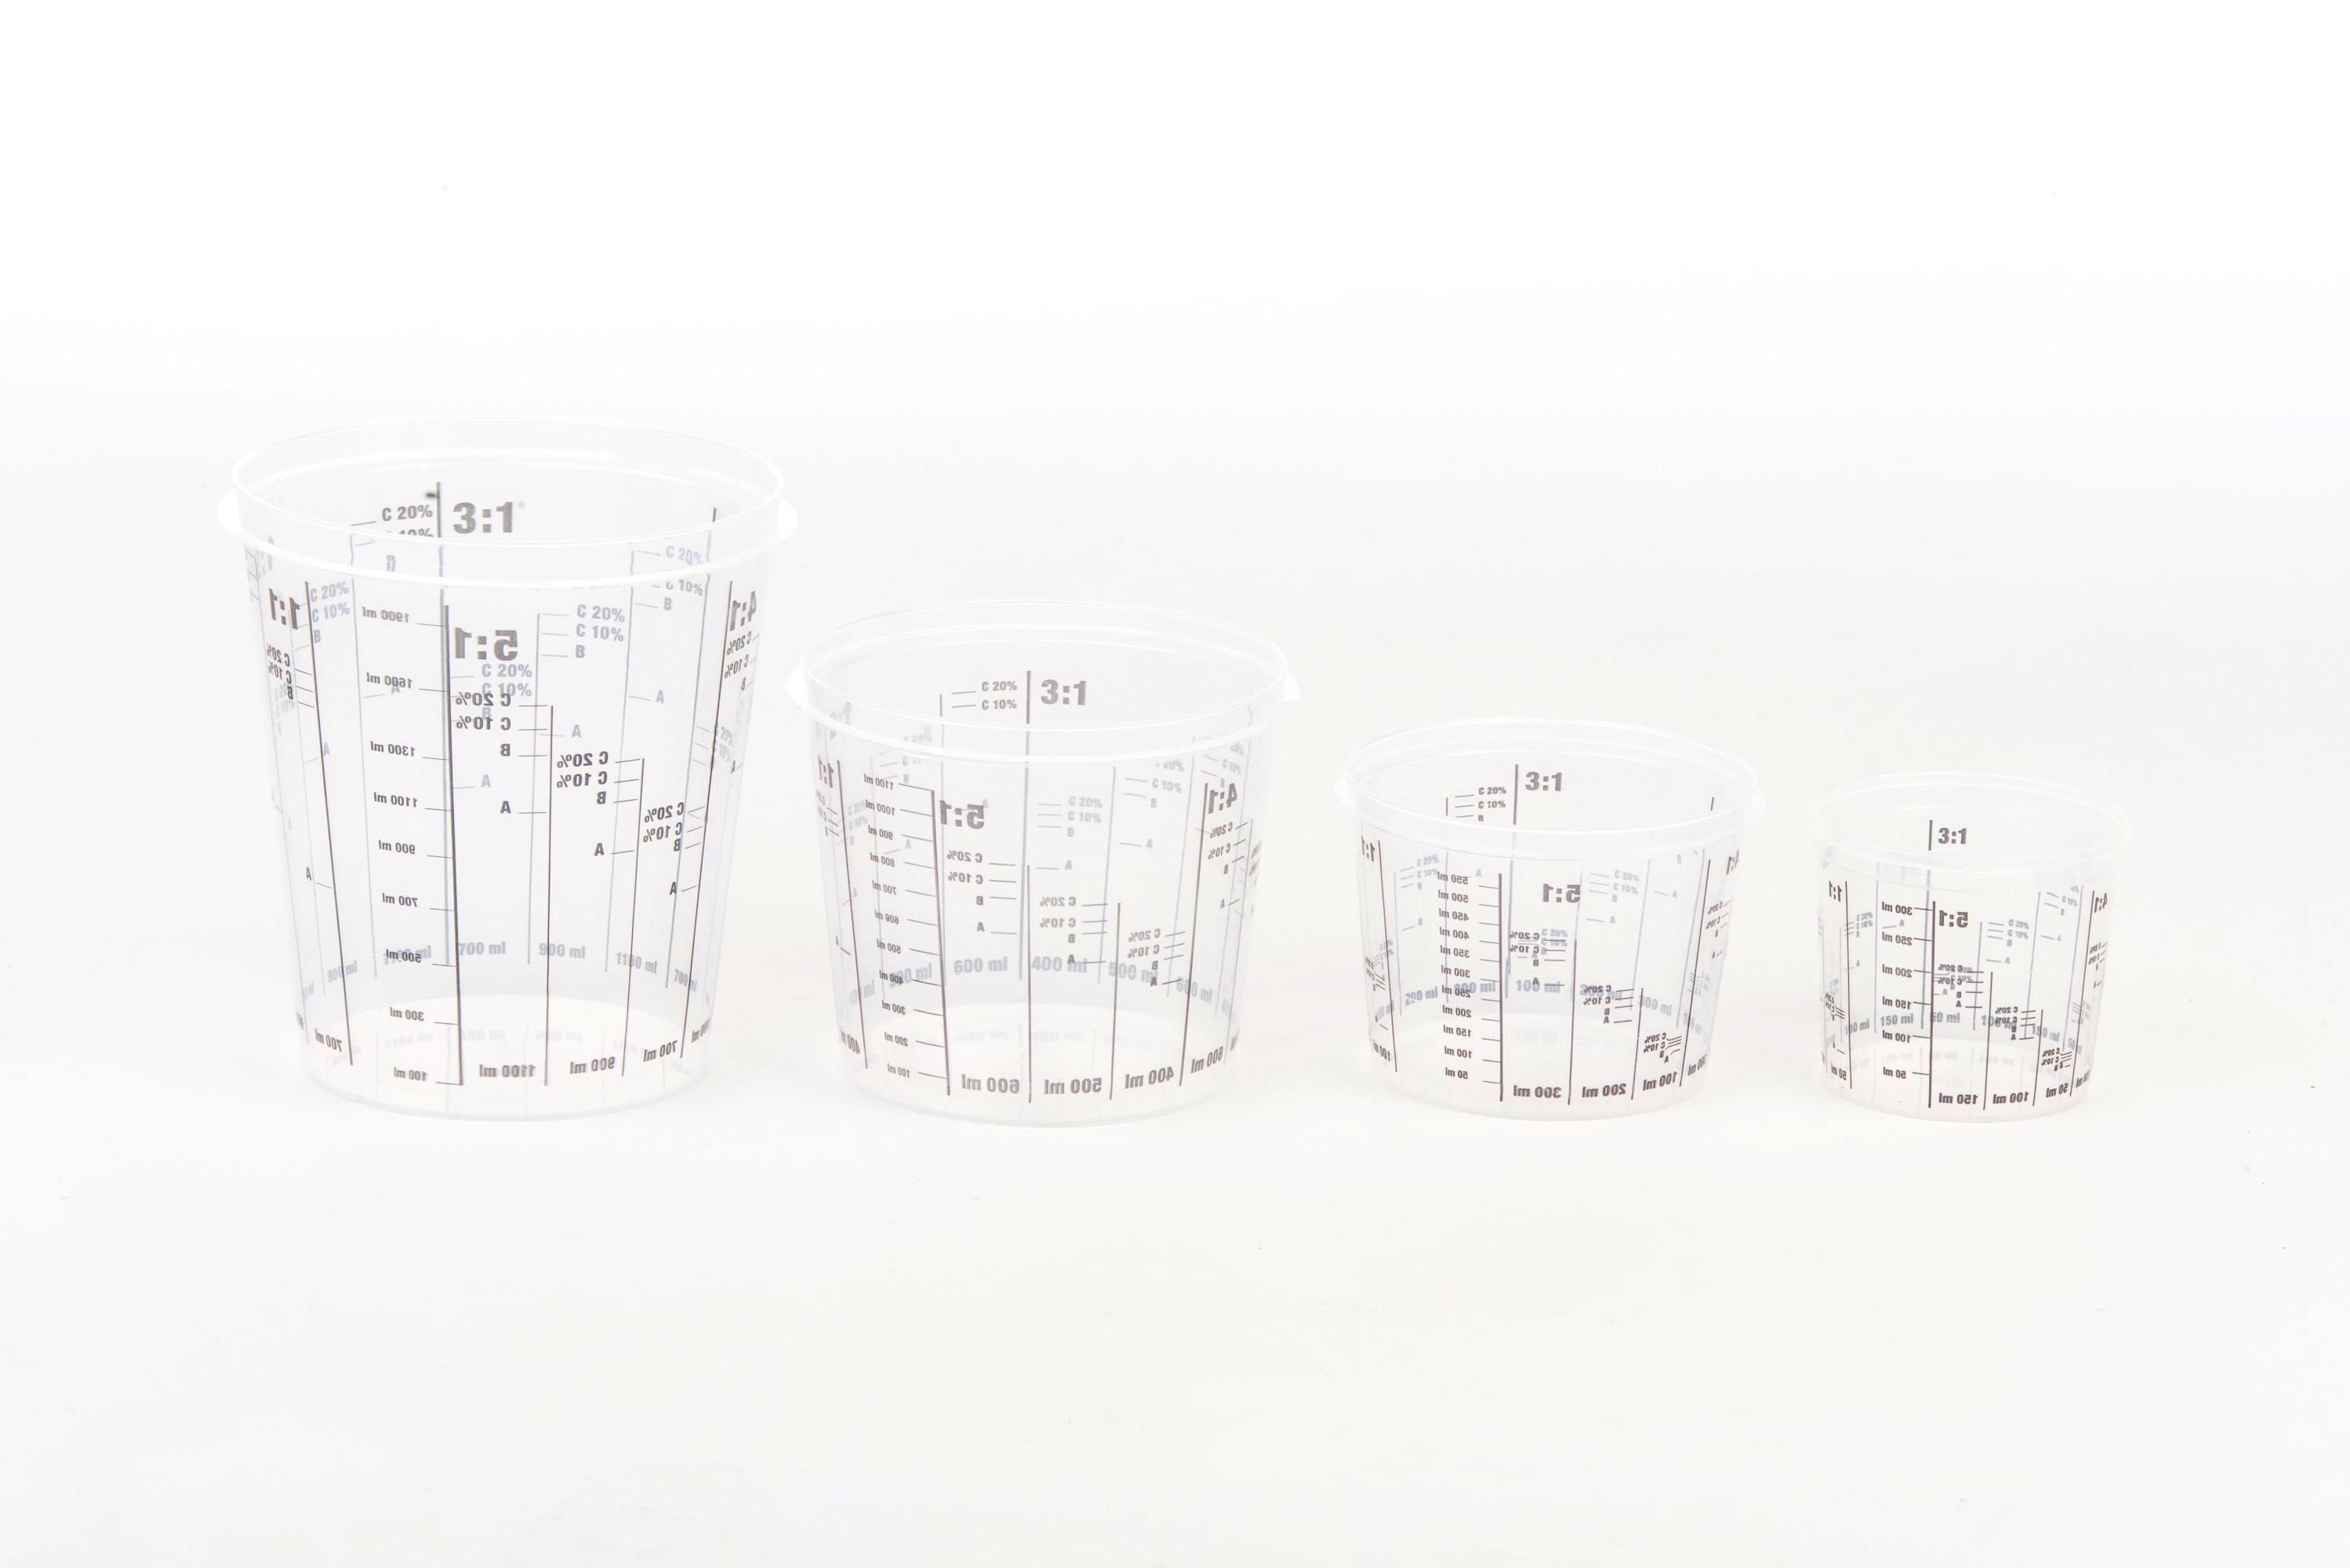 PVC Mischbecher mit Skala 385 ml 1:1-2:1-3:1-4:1-5:1